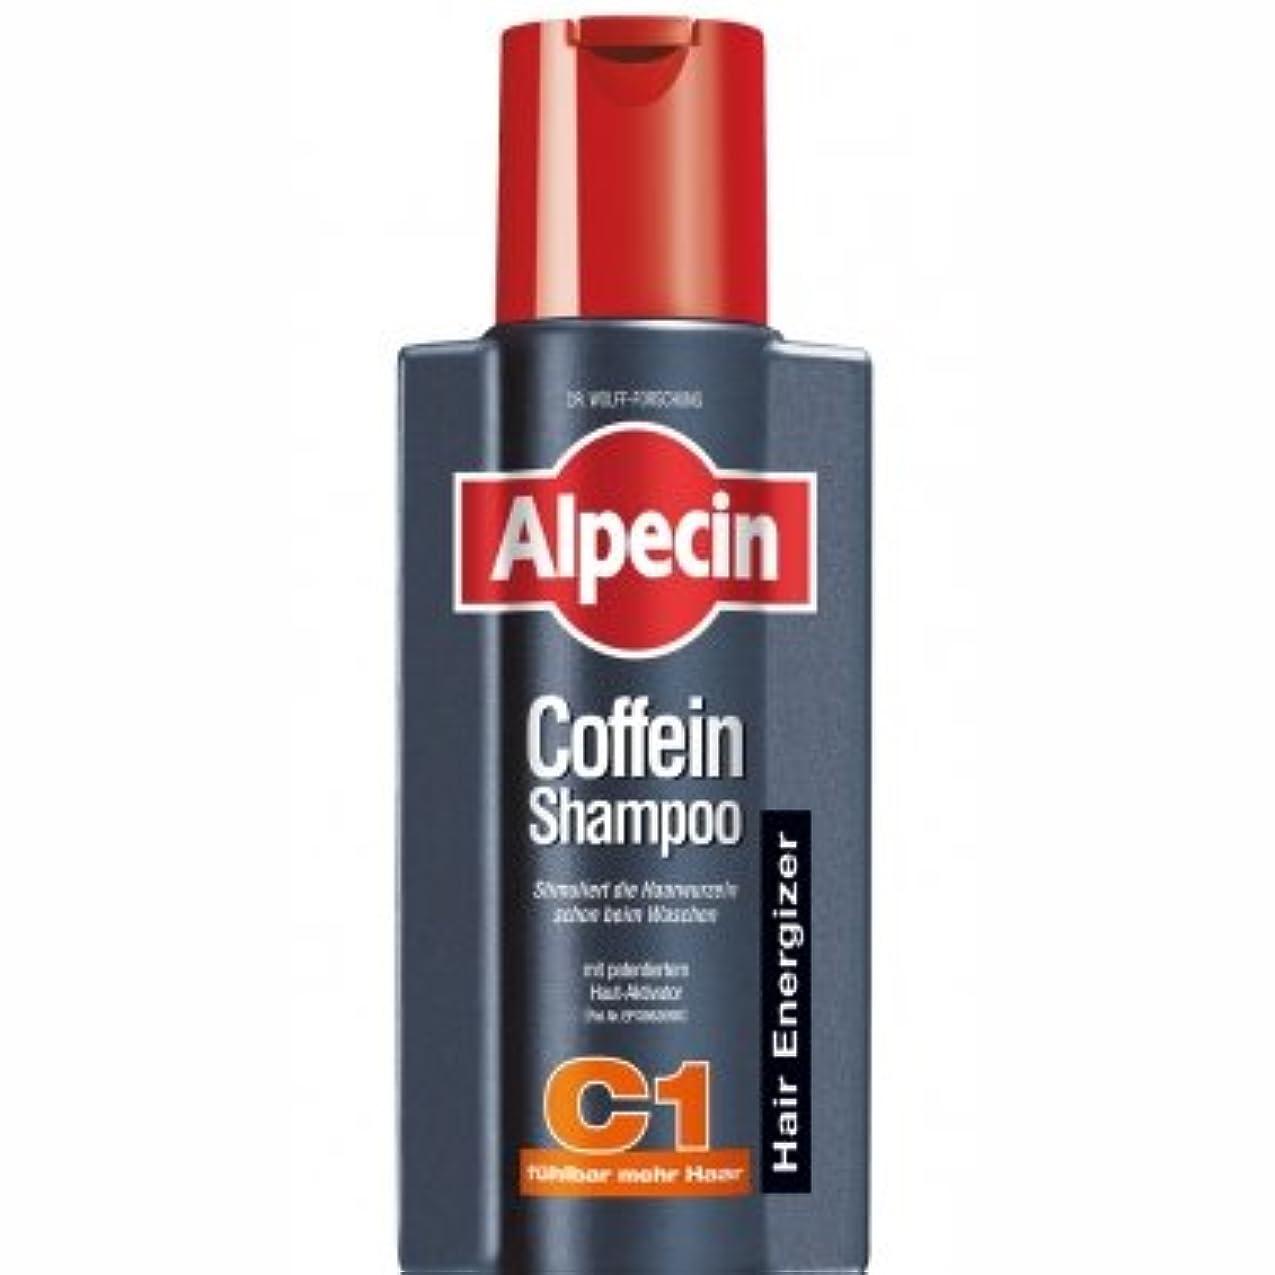 つま先苗中央ALPECIN オーガニックシャンプー カフェインシャンプーC1 250ml【並行輸入品】